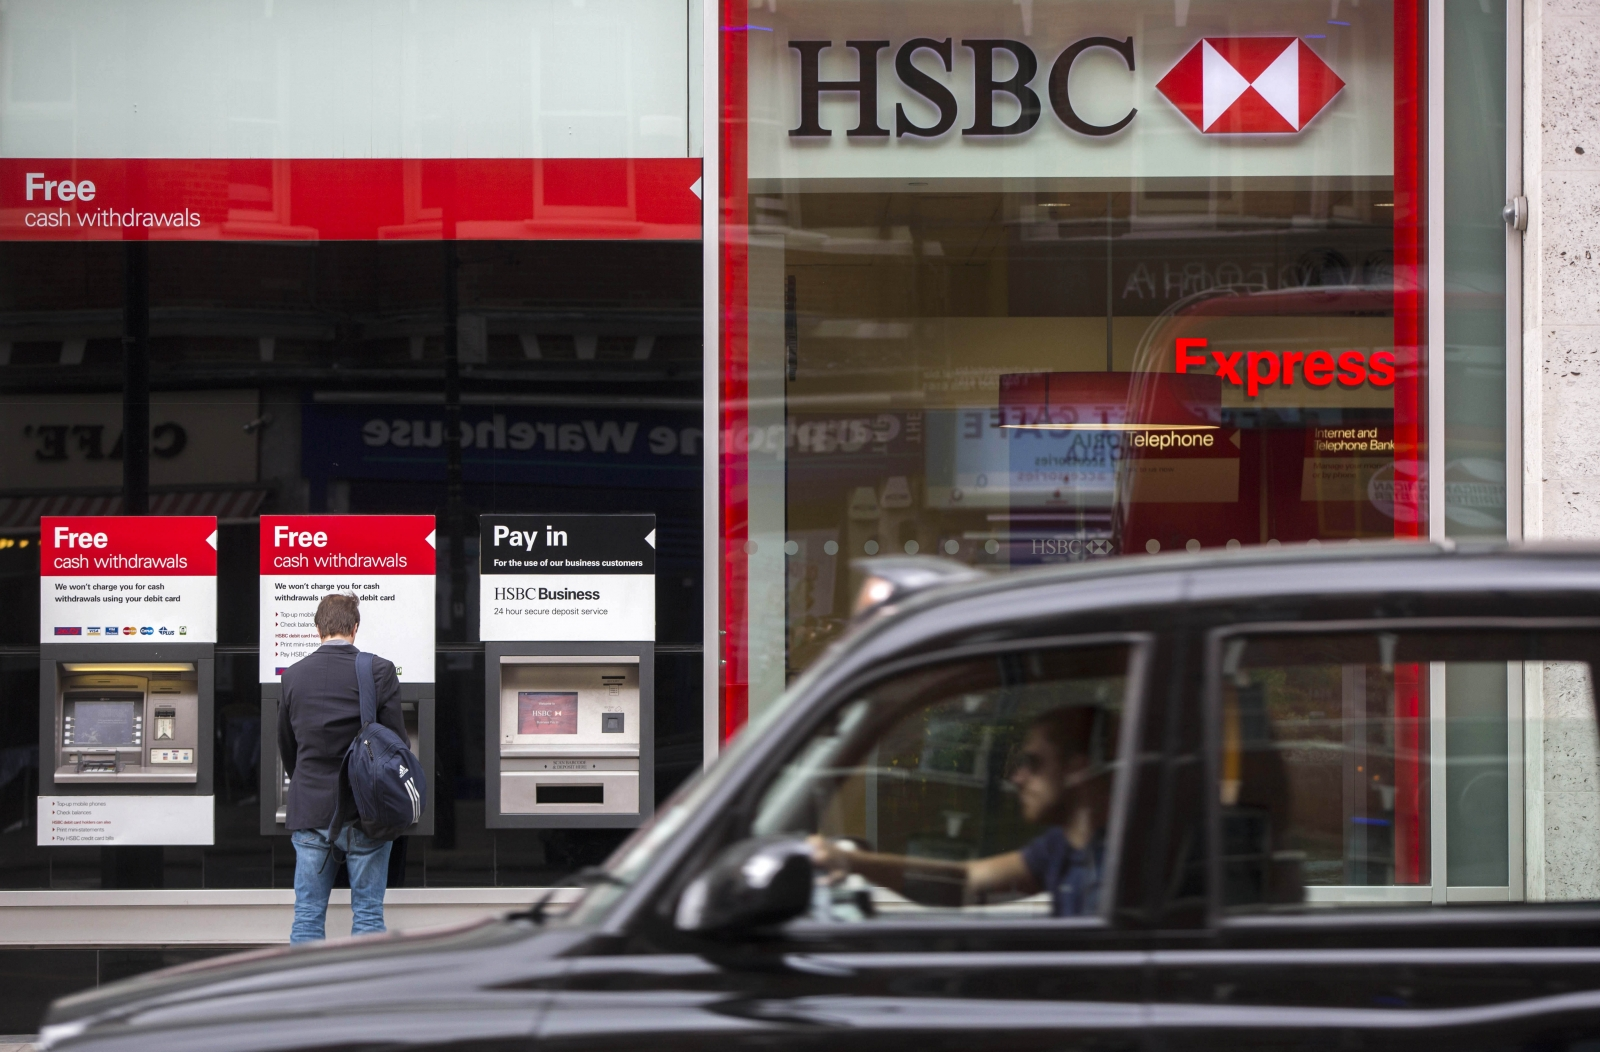 hsbc uk bank: